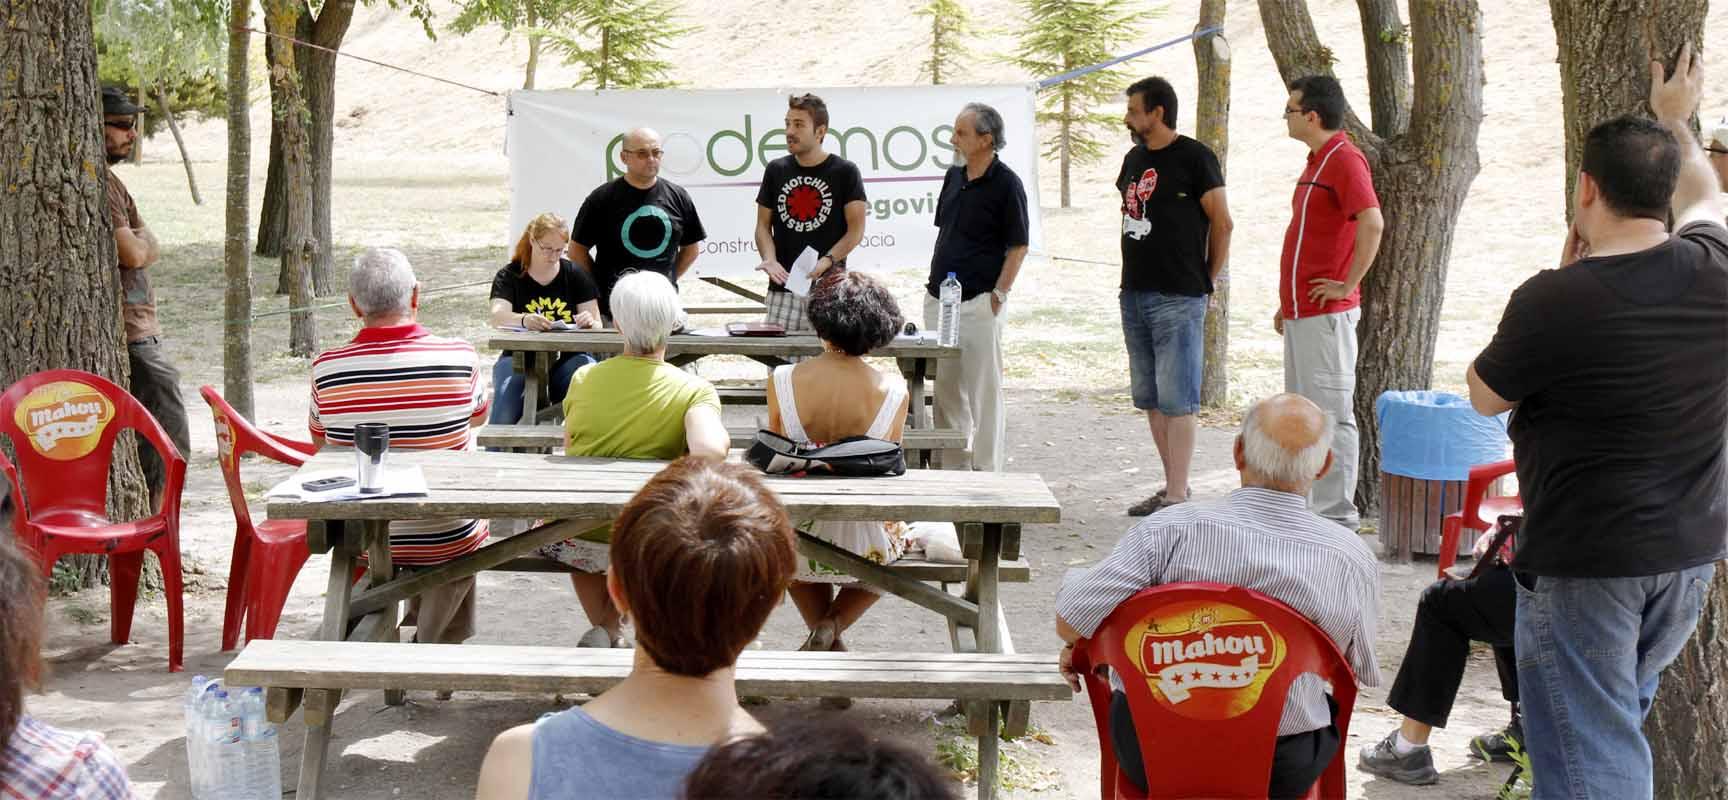 Miembros del Círculo de Segovia explican el funcionamiento de los Círculos Podemos |Foto: Gabriel Gómez